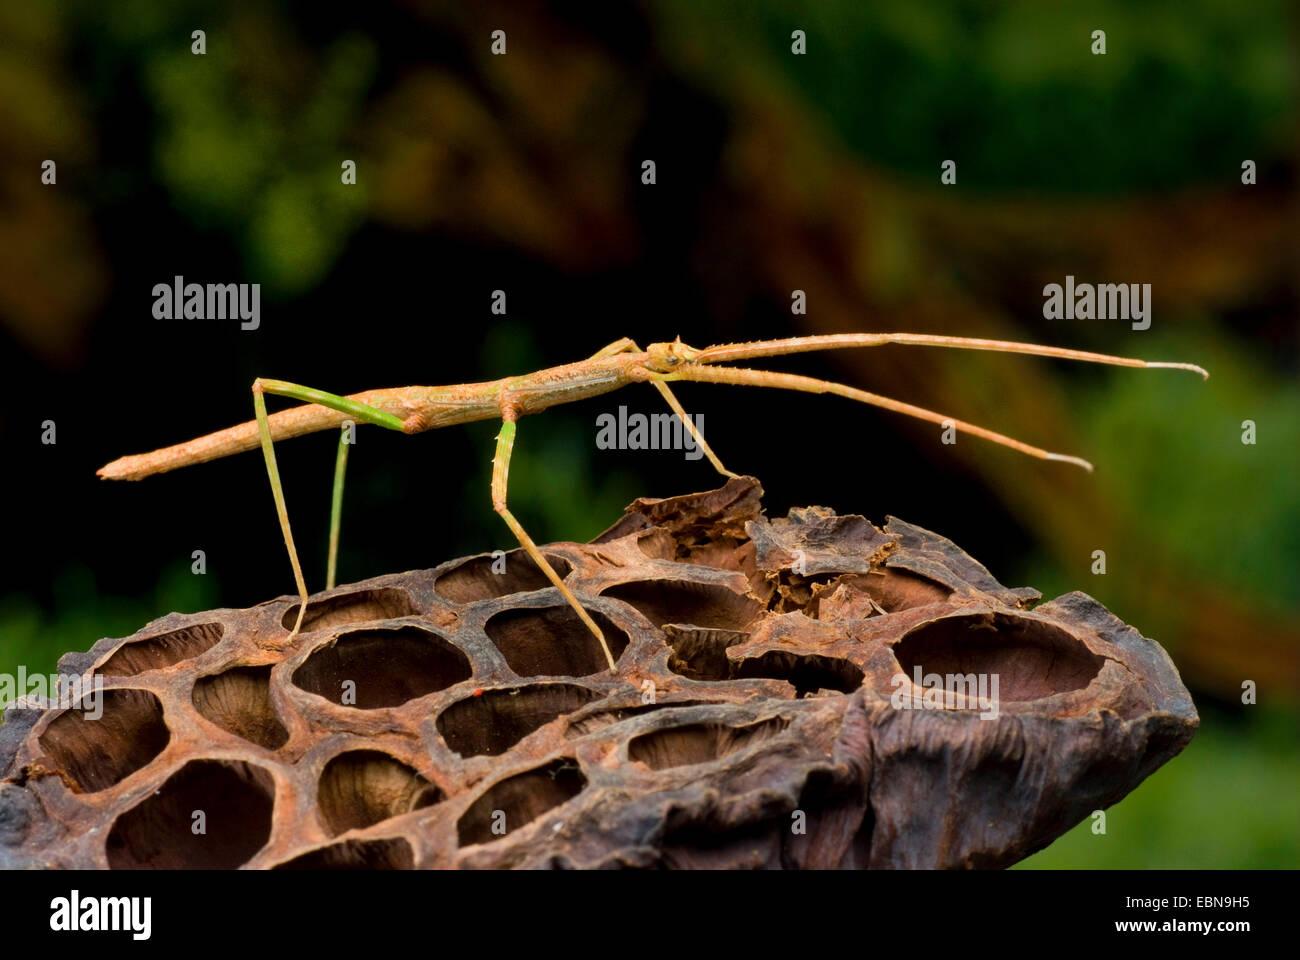 Insecto Palo de Vietnam (Baculum Ramulus artemis Artemis), en un buque de semillas Imagen De Stock